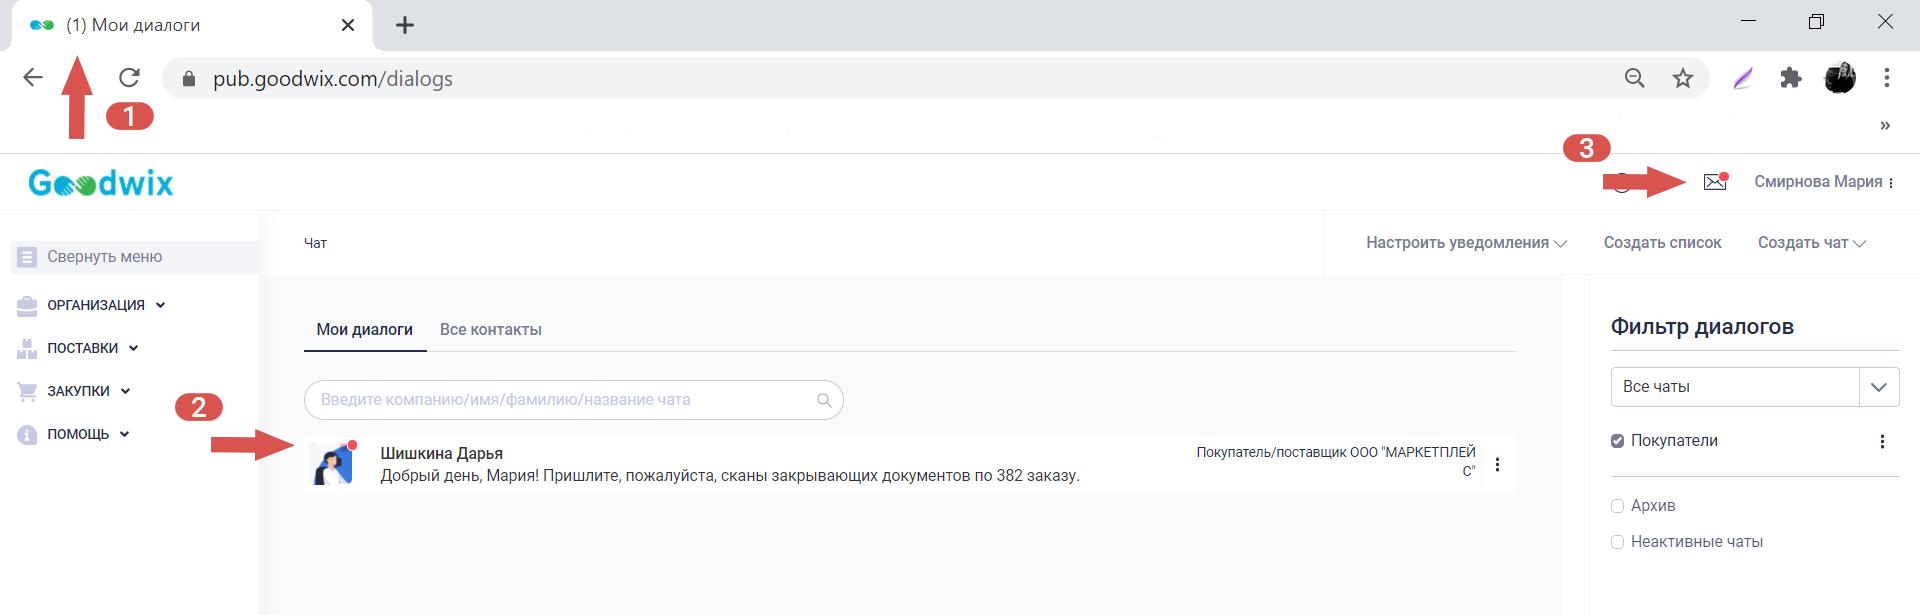 Уведомления о новом сообщении в мессенджере_Руководство по работе с заказами